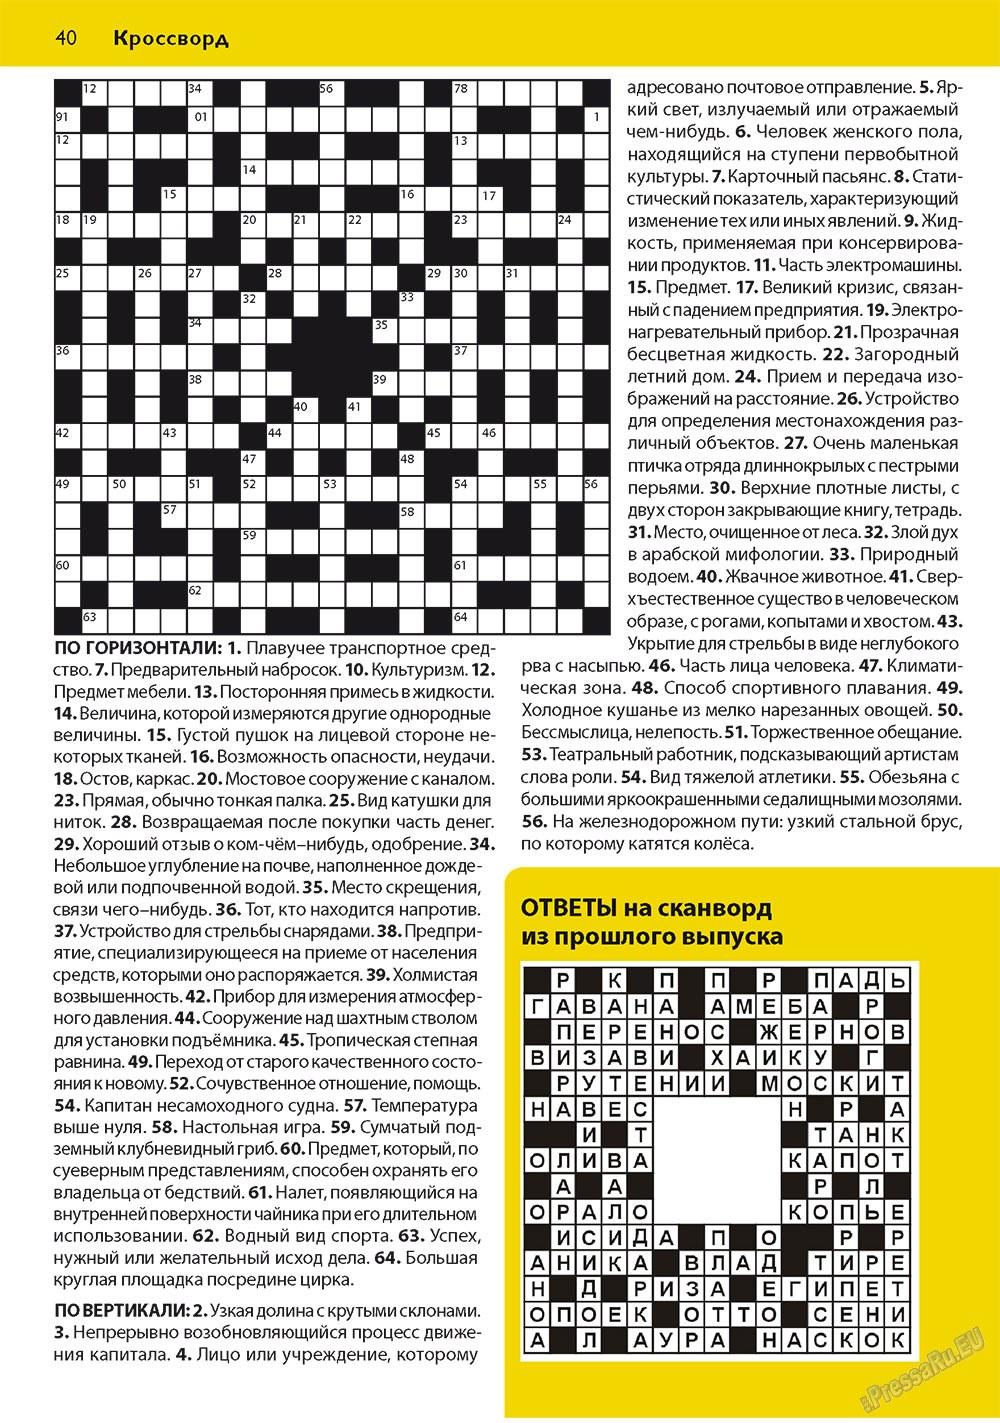 Апельсин (журнал). 2011 год, номер 18, стр. 40